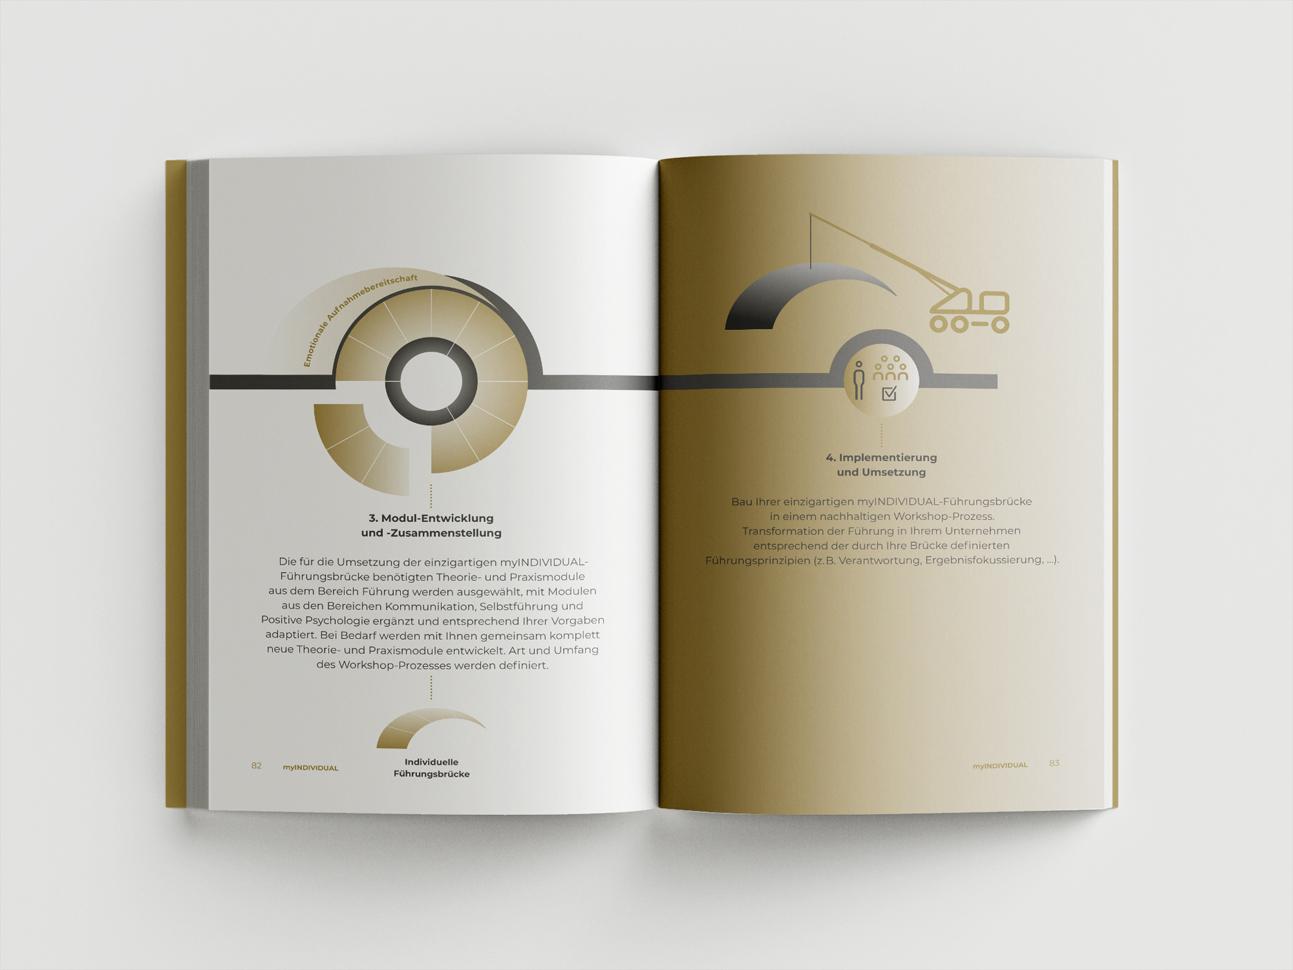 martin zech design, buchgestaltung, atilla vuran, mypontea, doppelseite 12